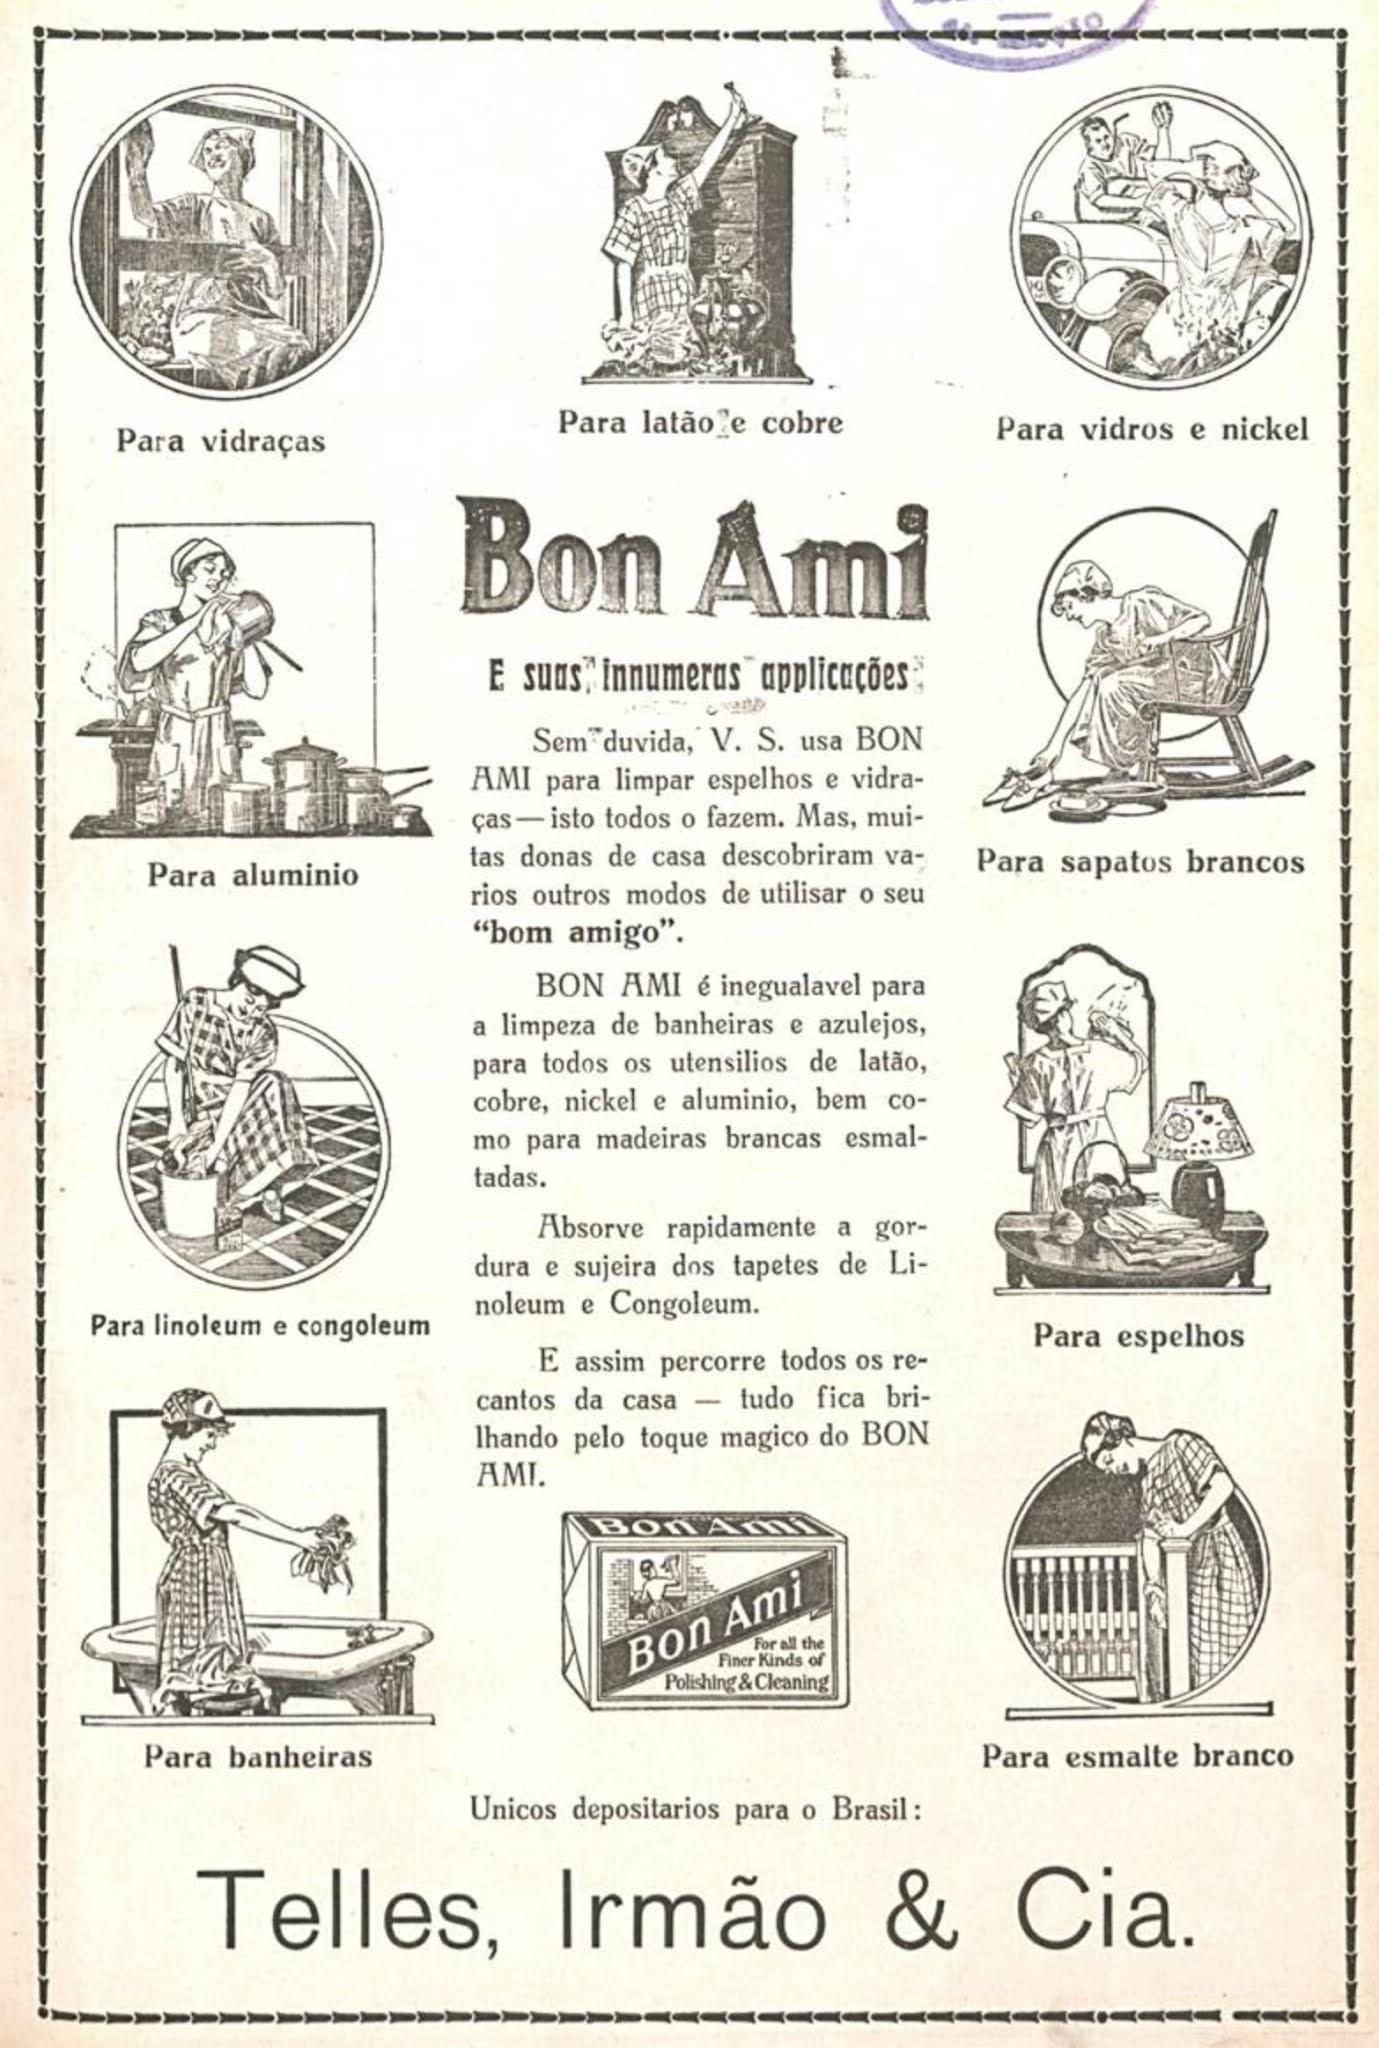 Anúncio antigo da Bon Ami veiculado em 1924 apresentando as mais diversas formas de uso do produto